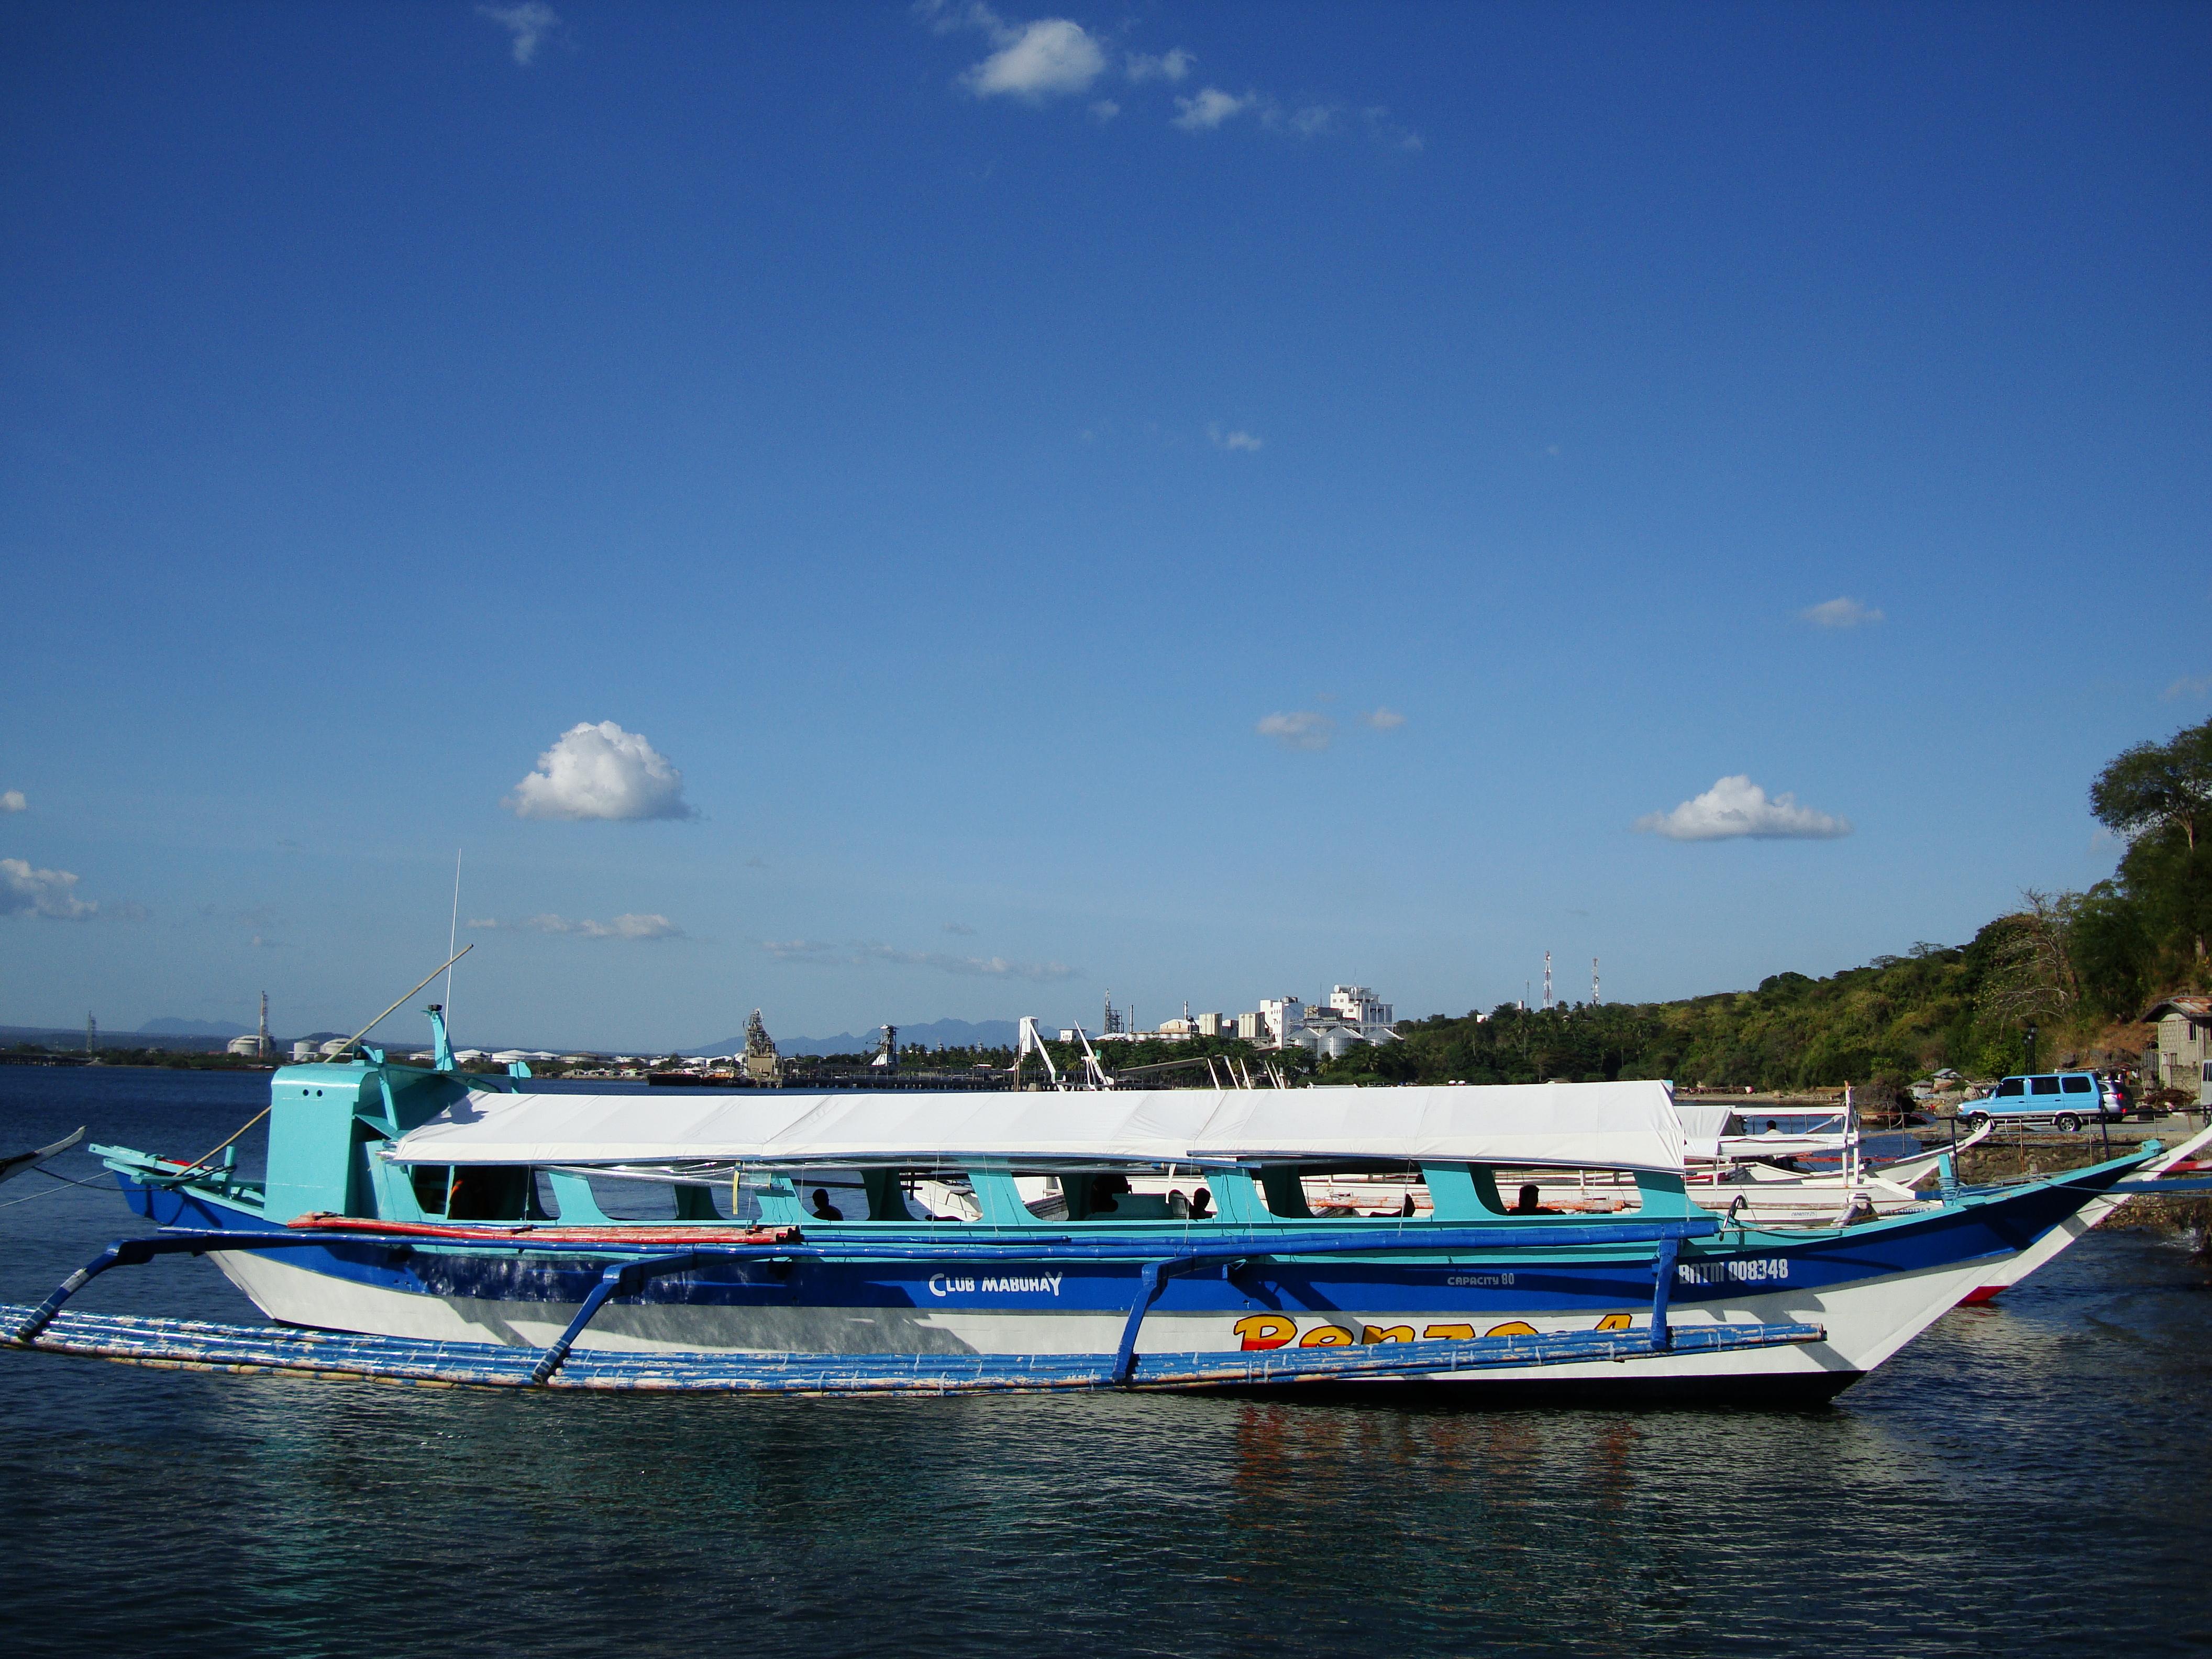 Philippine MB Banca Renzo 4 Batangas to Puerto Galera 02